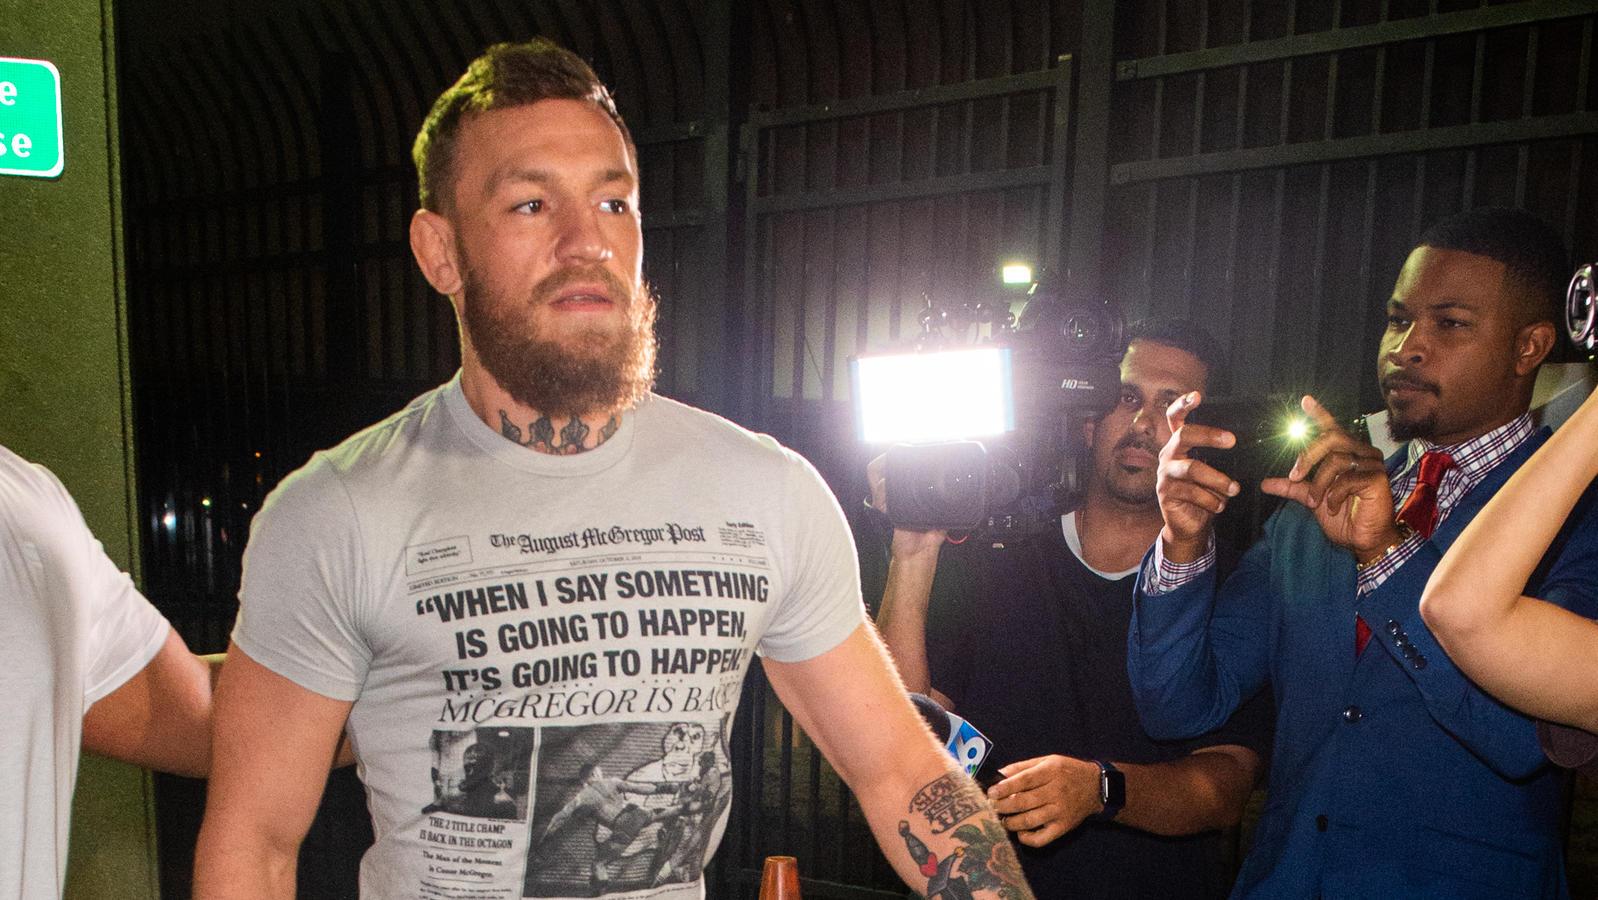 So schnell wie er drin war, war er auch wieder draußen: Conor McGregor wird aus dem Gefängnis entlassen.